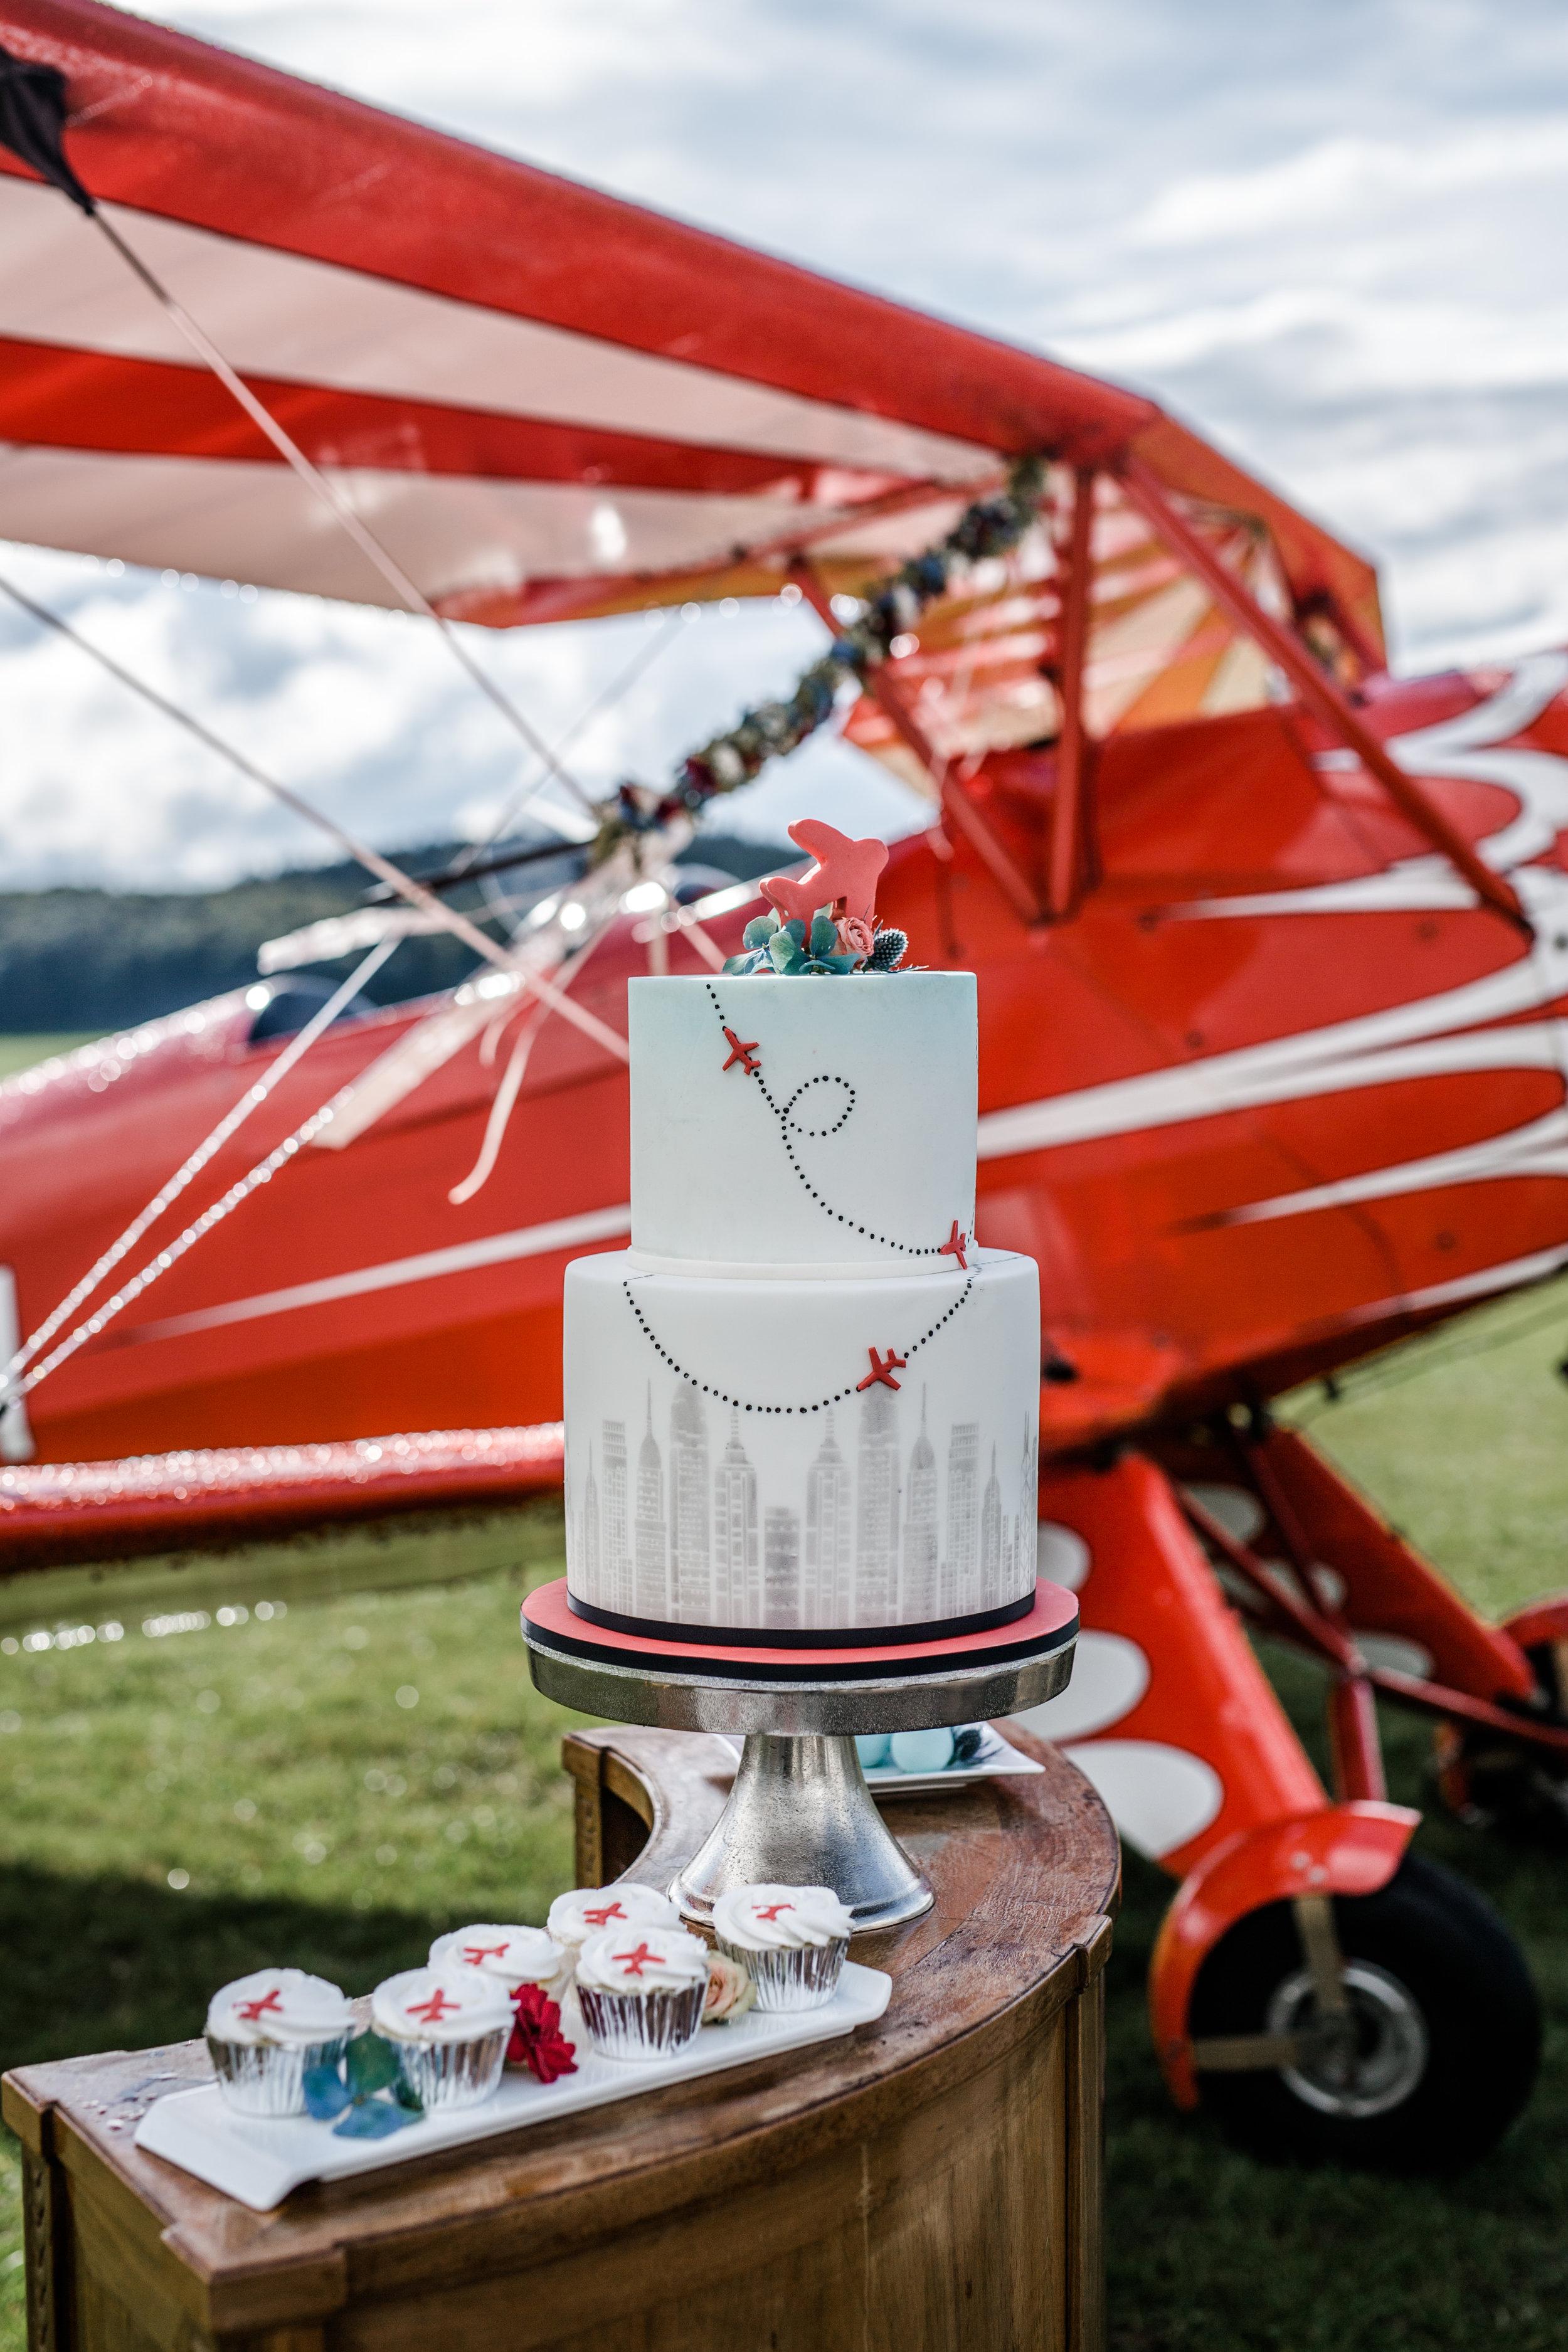 Flugplatz_Hochzeit-13.JPG